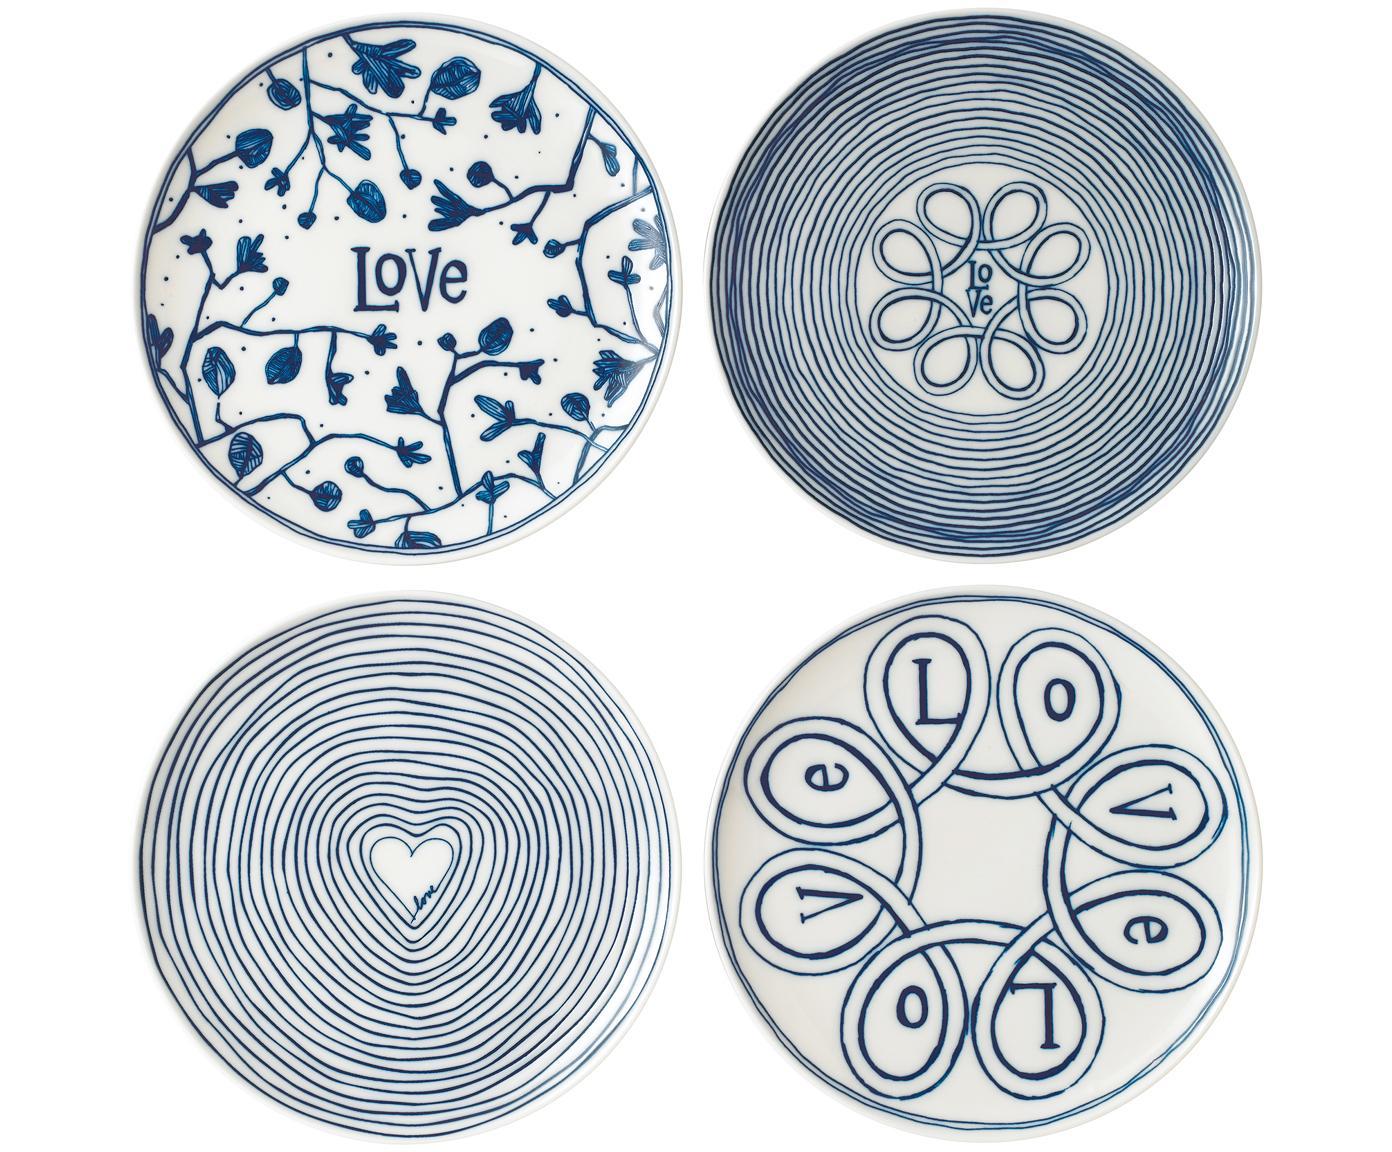 Gemusterte Frühstücksteller Love in Weiß/Blau, 4er-Set, Porzellan, Elfenbein, Kobaltblau, Ø 21 cm